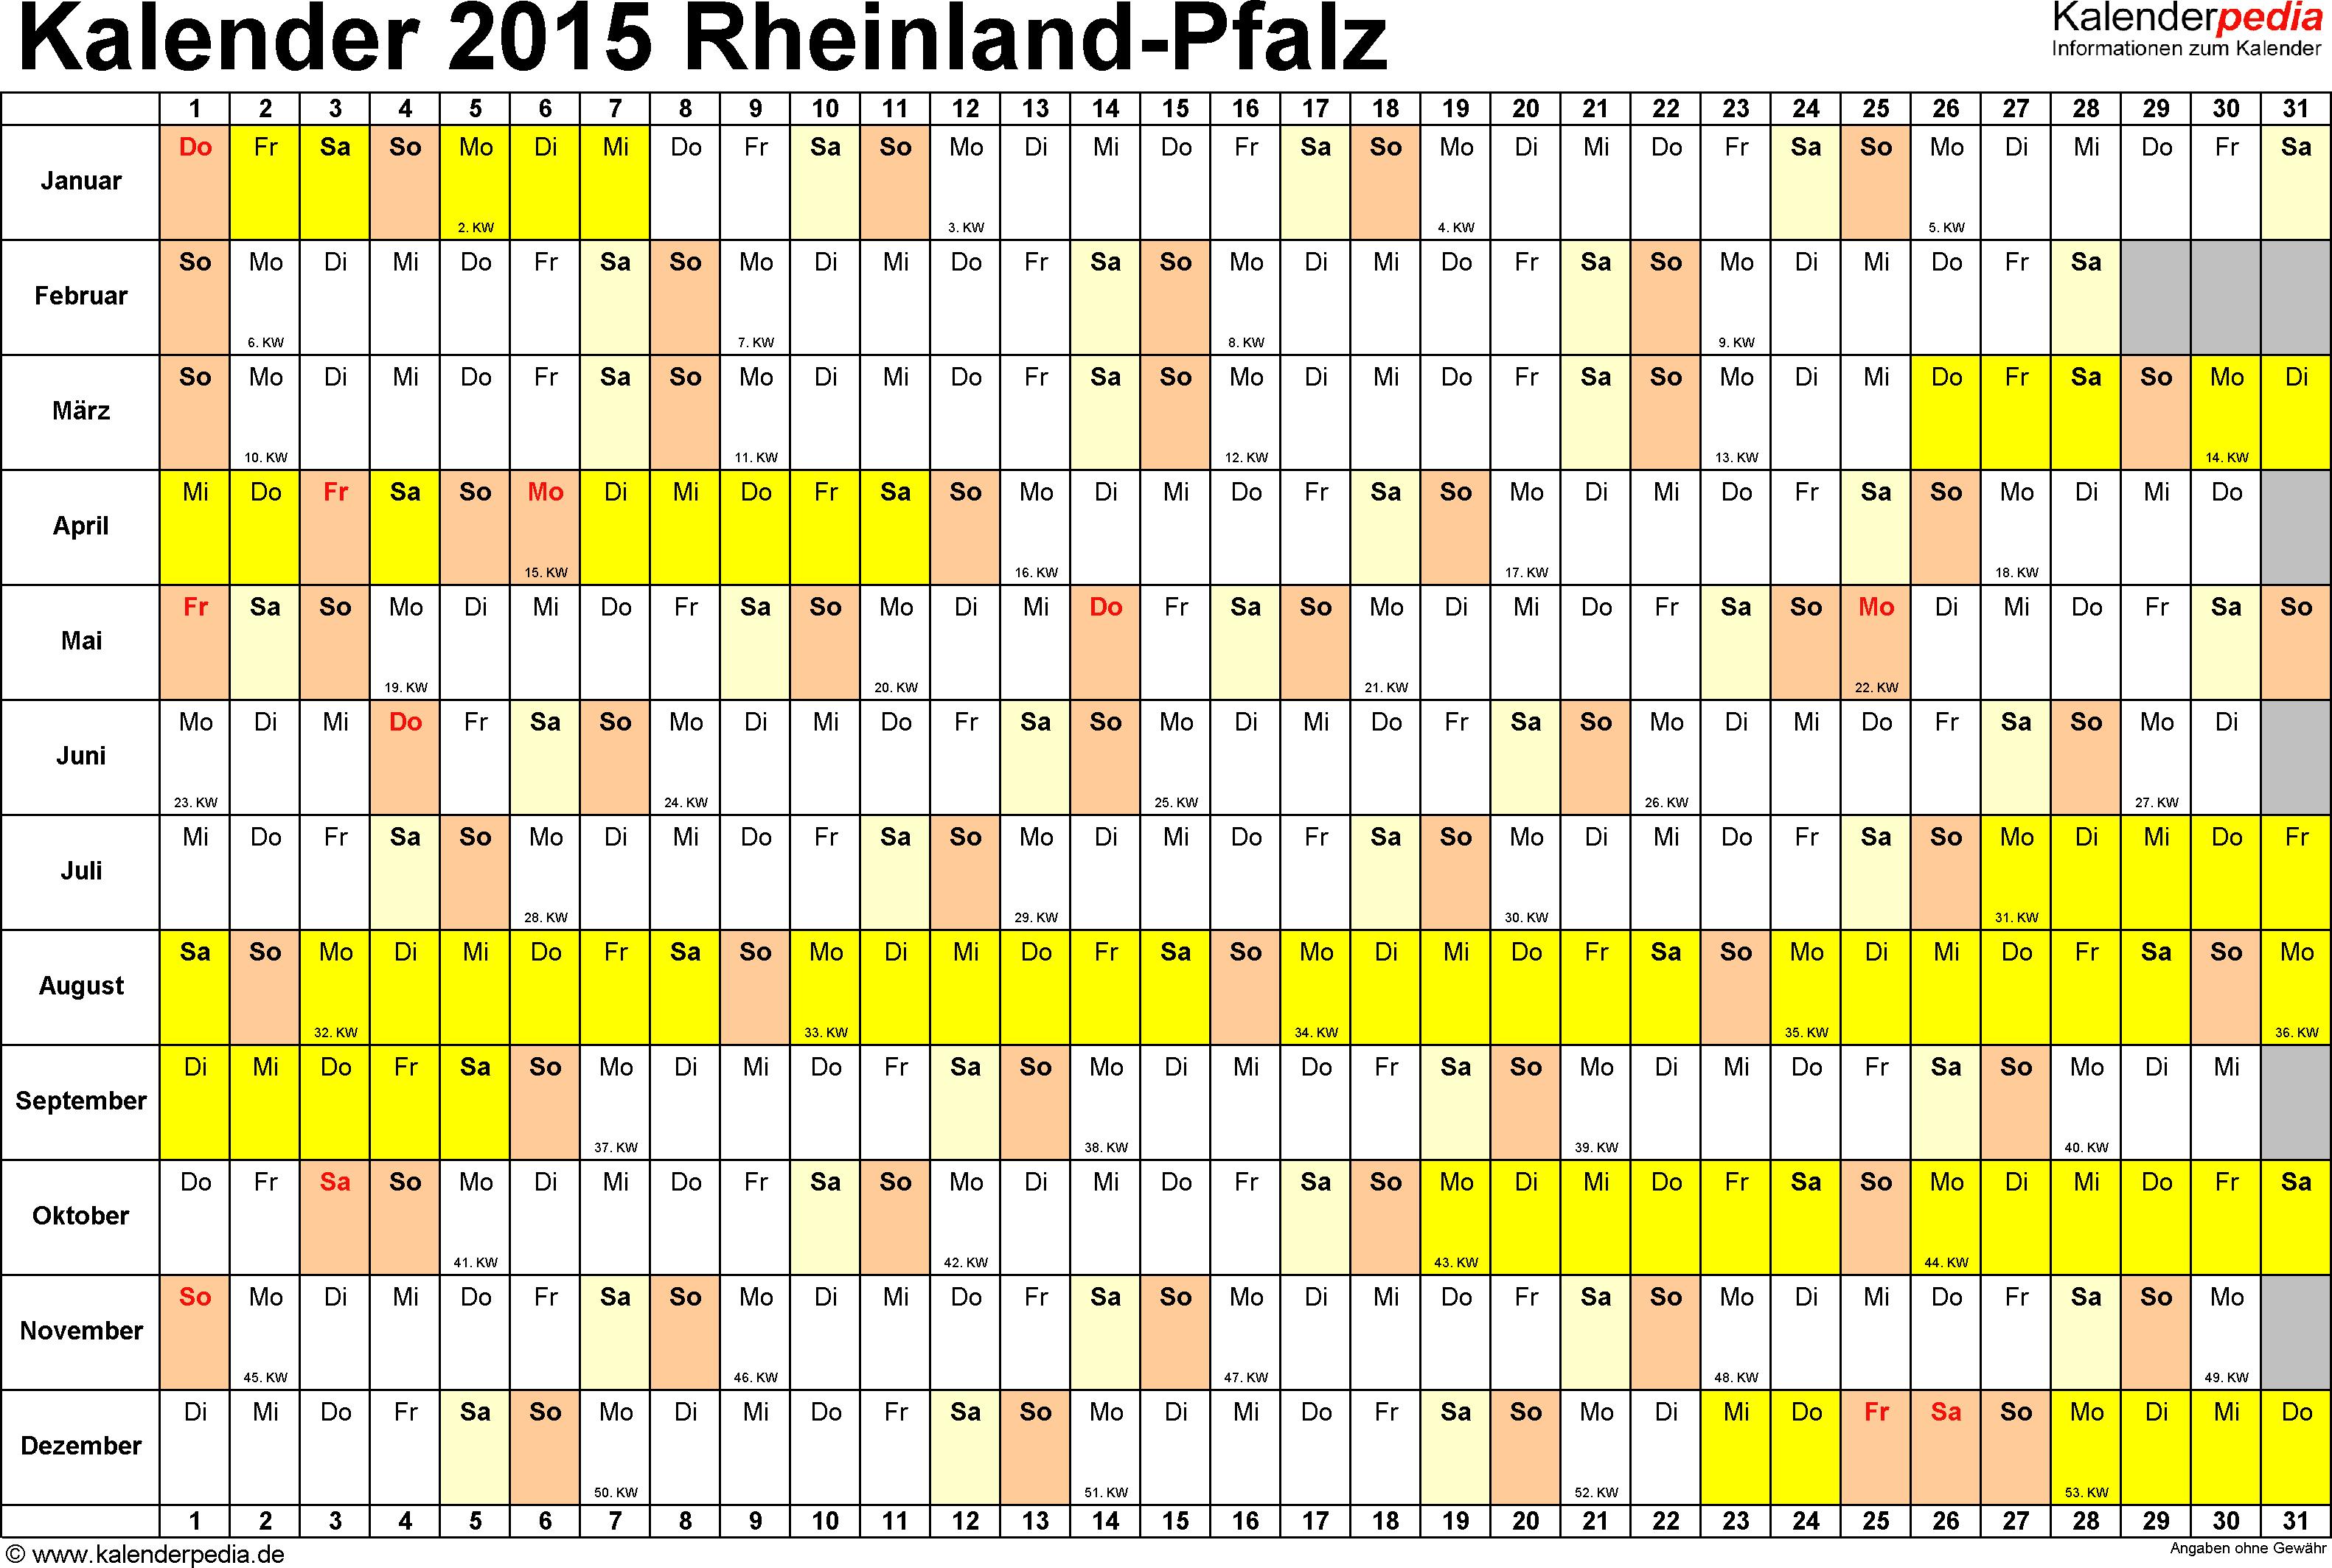 Vorlage 2: Kalender Rheinland-Pfalz 2015 im Querformat, Tage nebeneinander